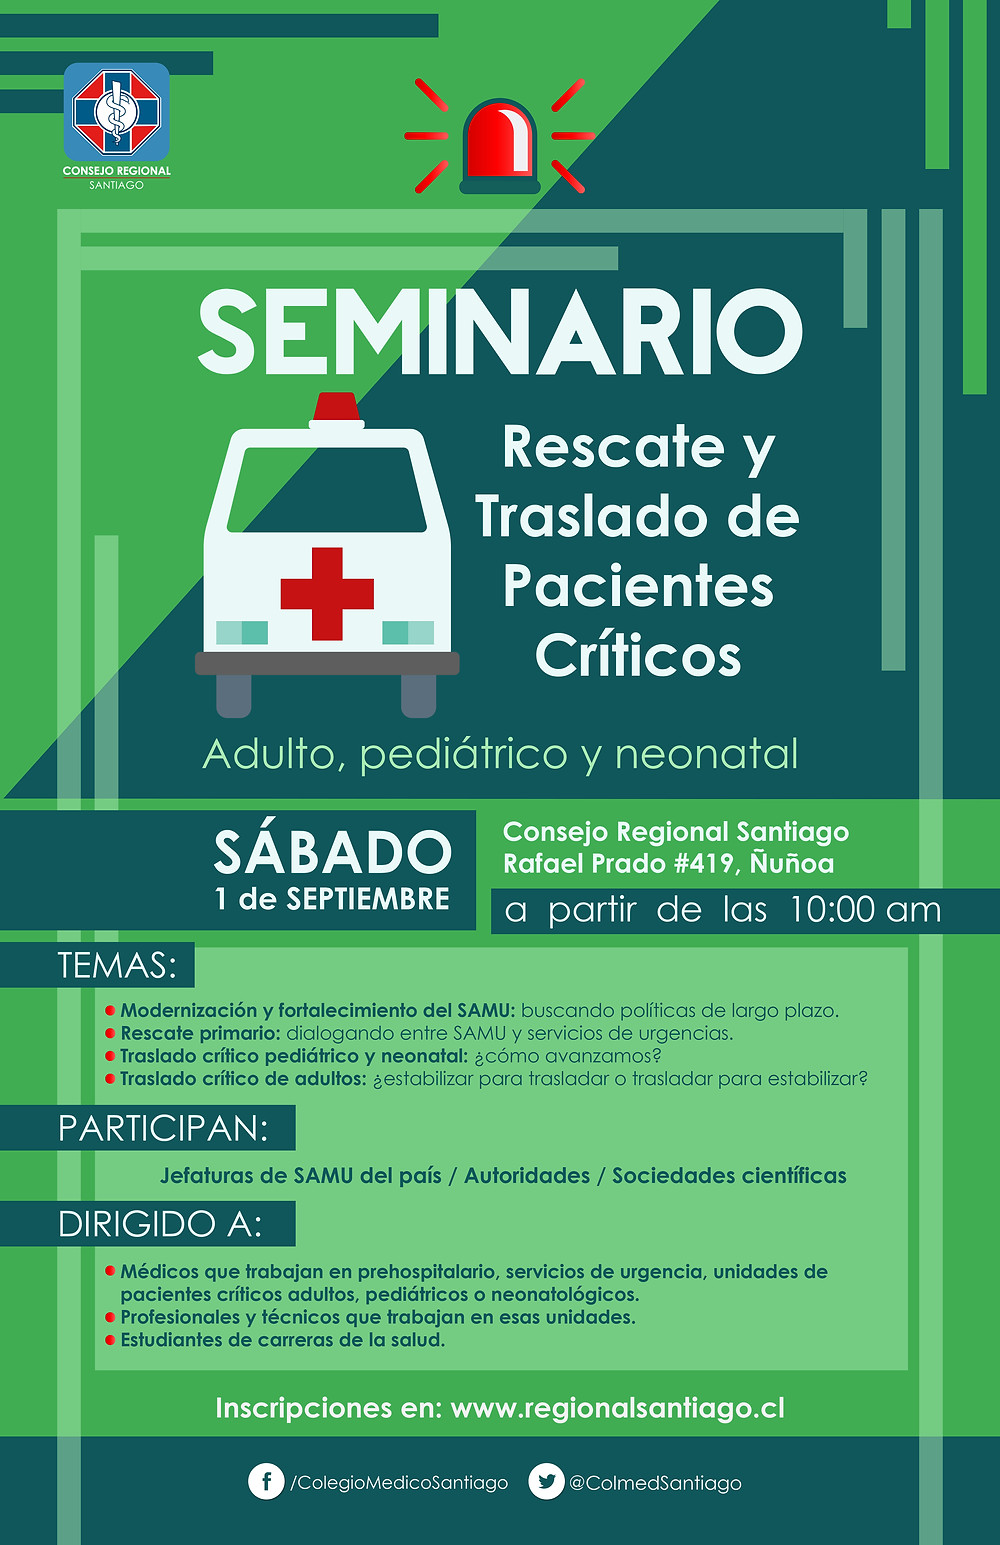 Seminario: Rescate y Traslado de Pacientes Críticos